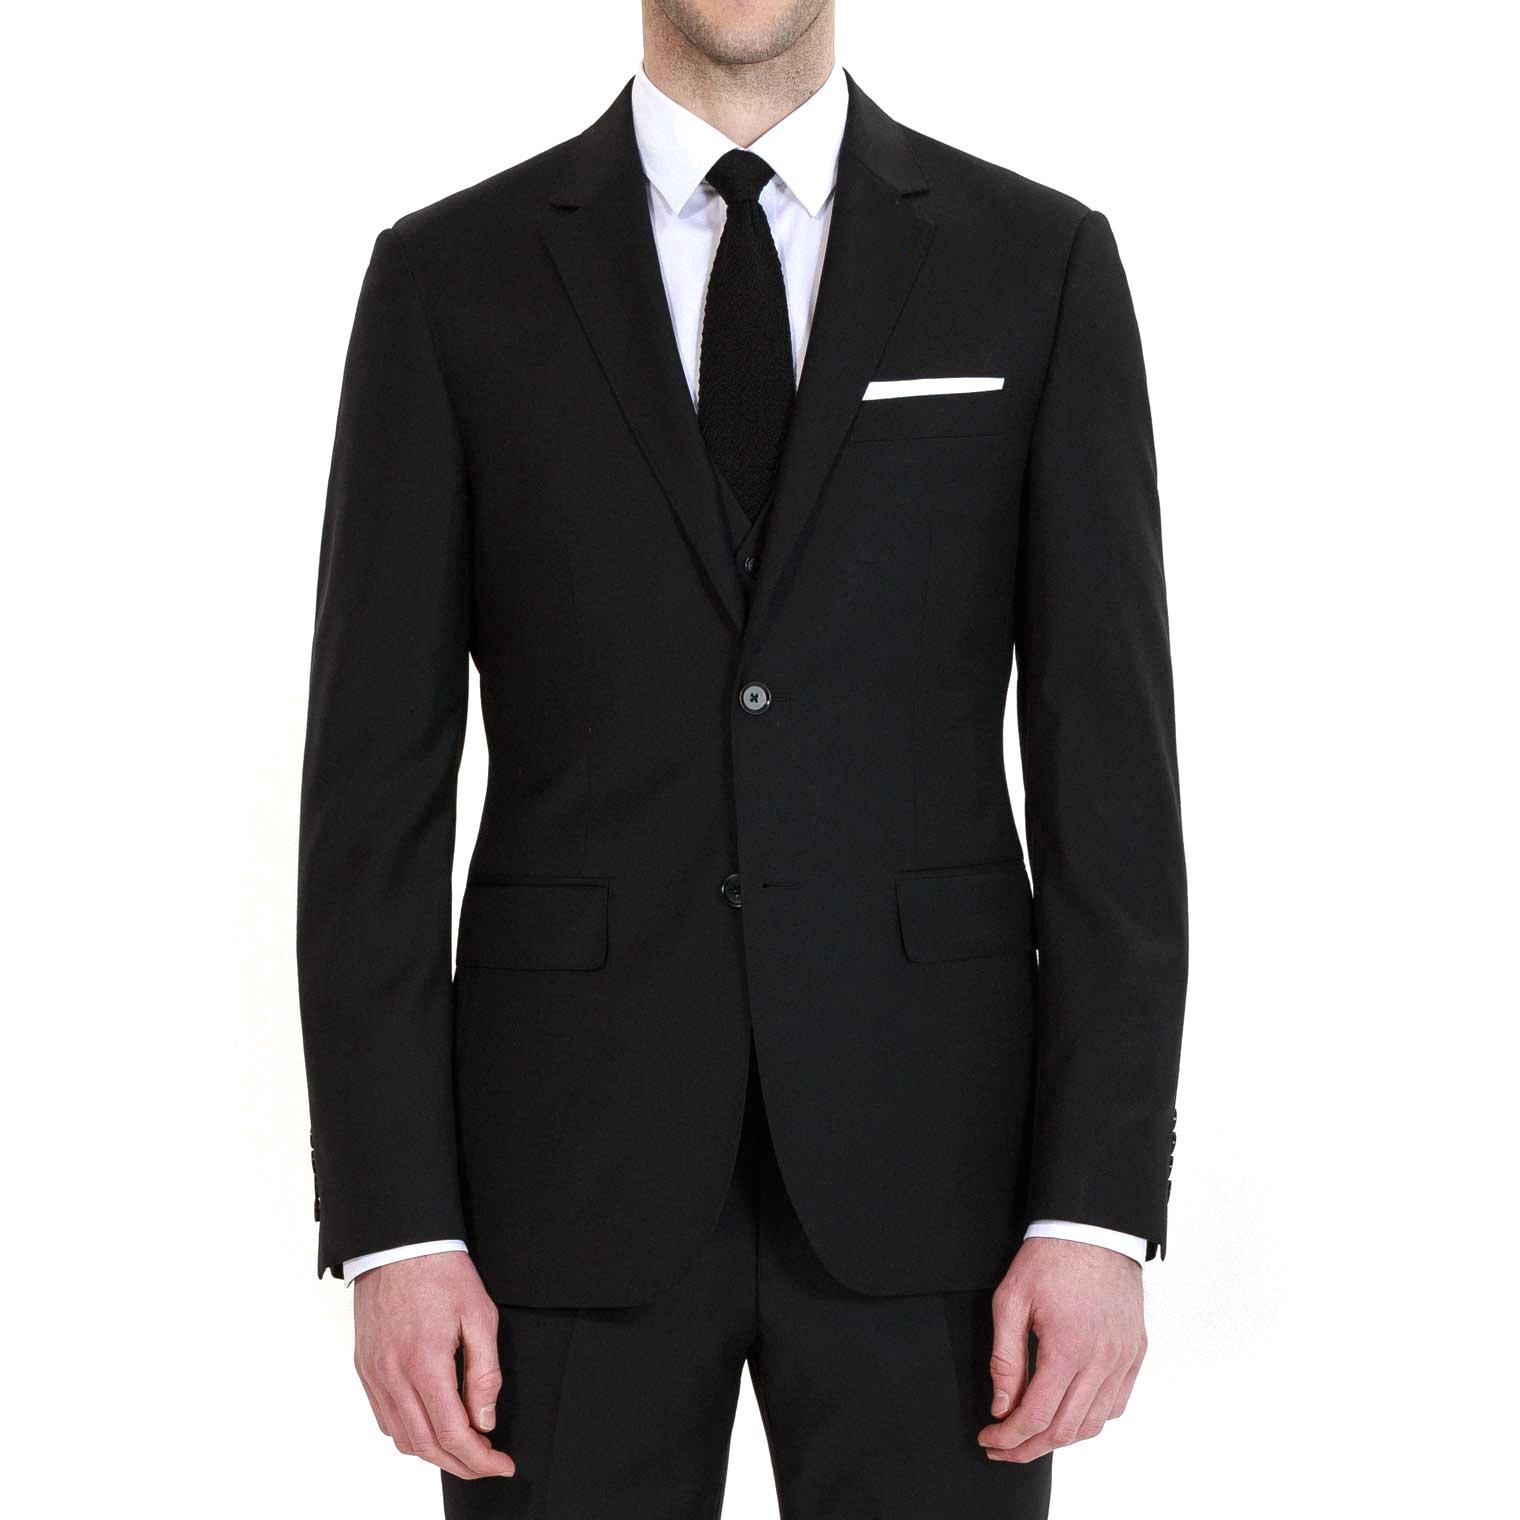 HBDesign Mens 3 piece 2 Button Notch Lapel Slim Trim Fit Formal Suite Black 46R